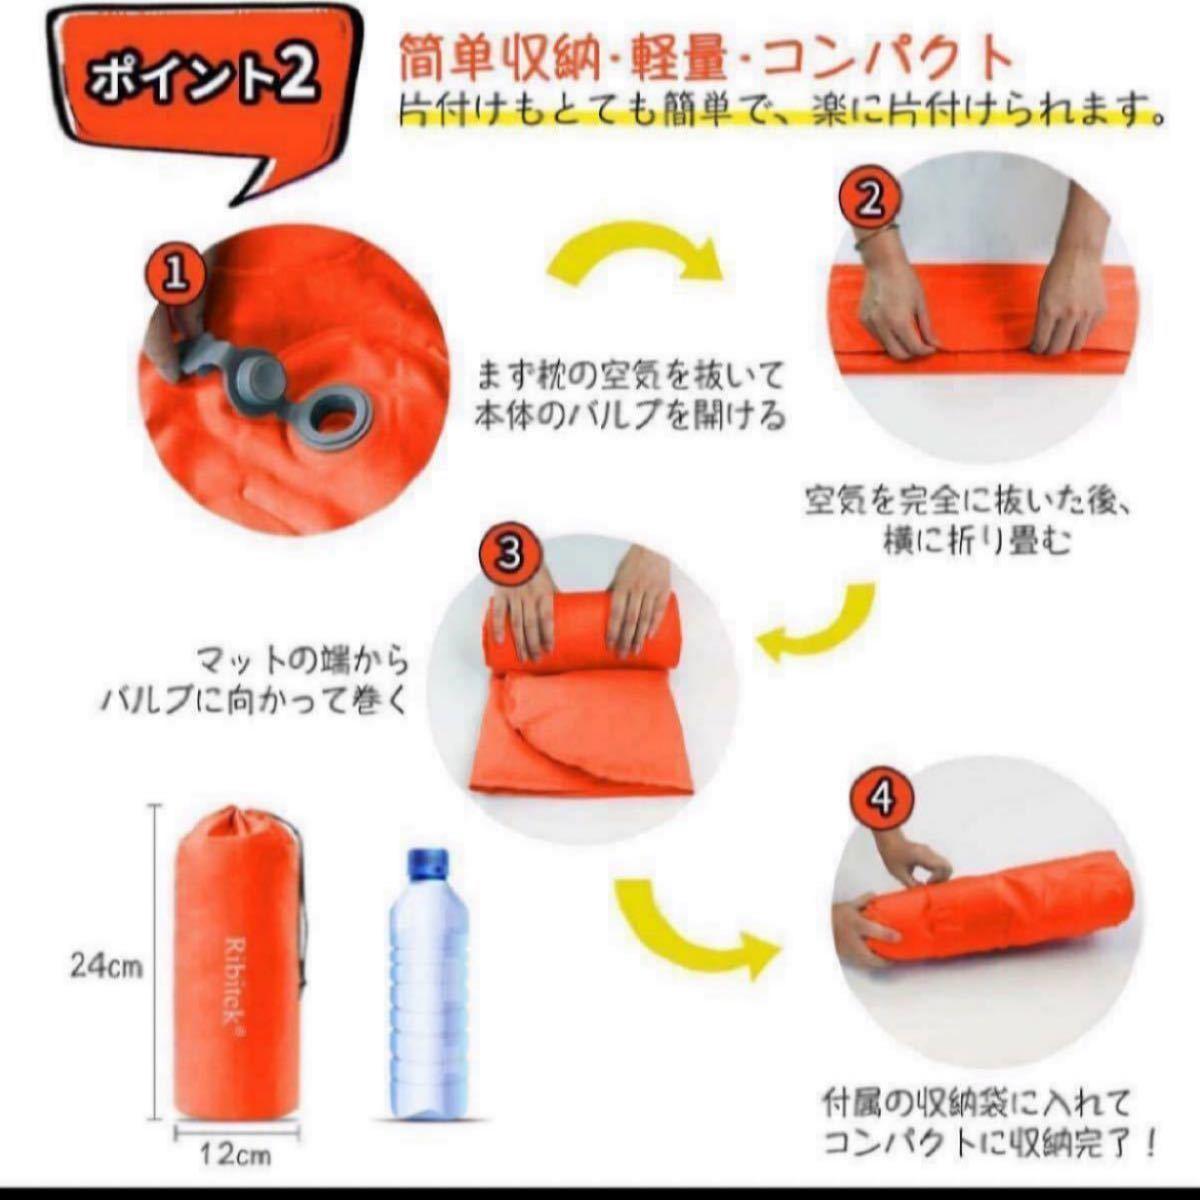 エアーマット キャンプマット 記憶スポンジ枕付き 折畳み式 超軽量 アウトドアマット 山登り 花見 防災用品